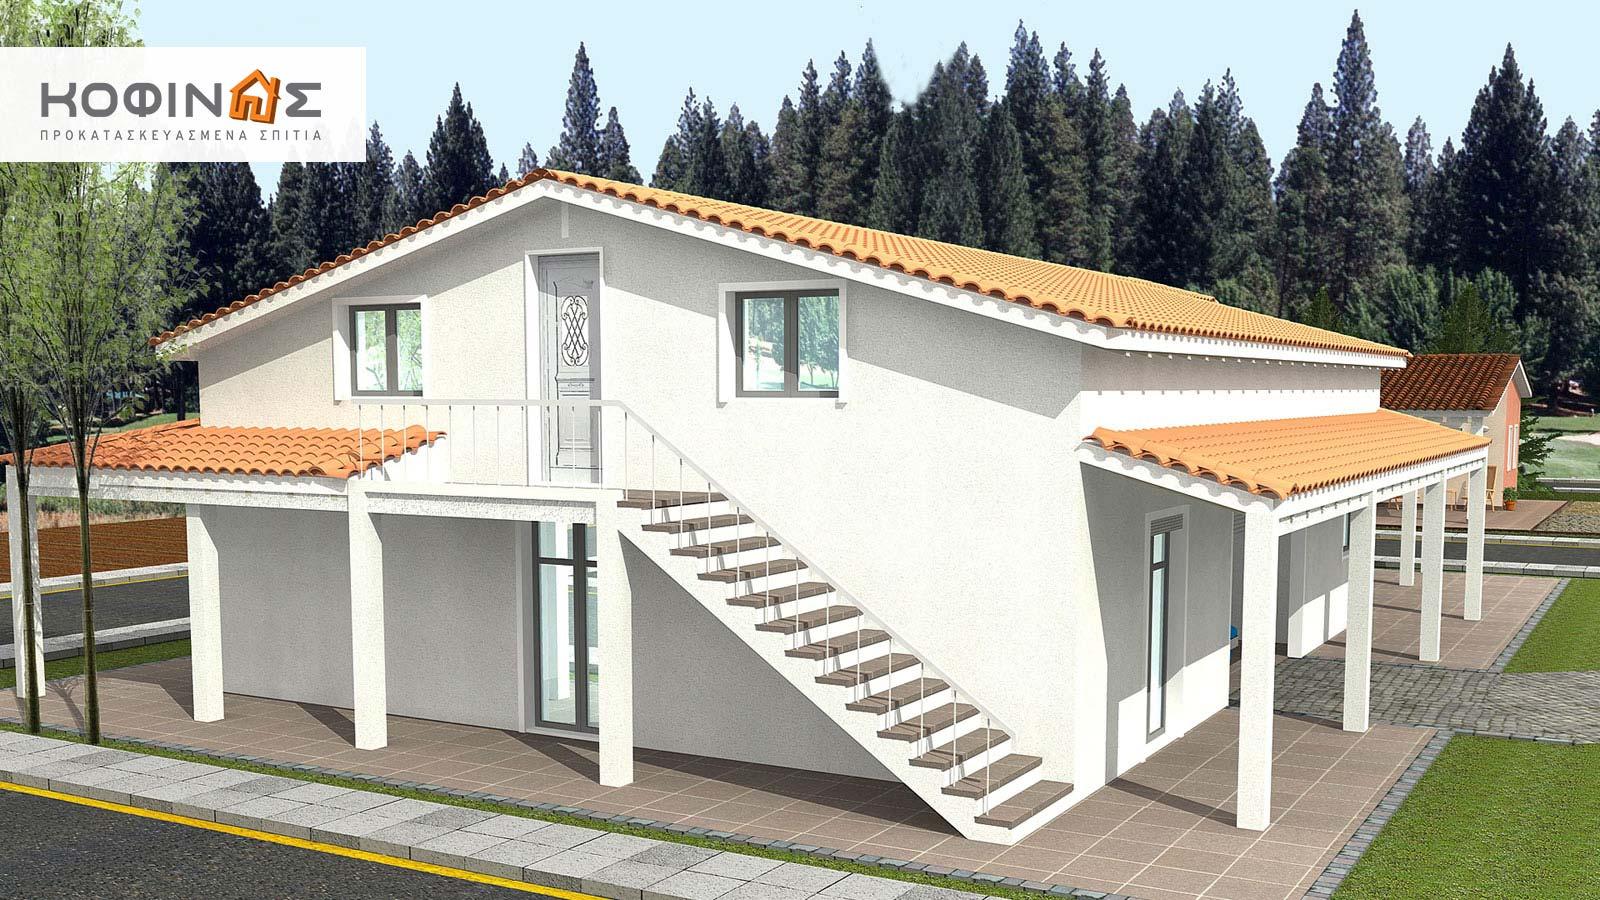 Ισόγεια Κατοικία με Σοφίτα IS-234, συνολικής επιφάνειας 234,80 τ.μ.